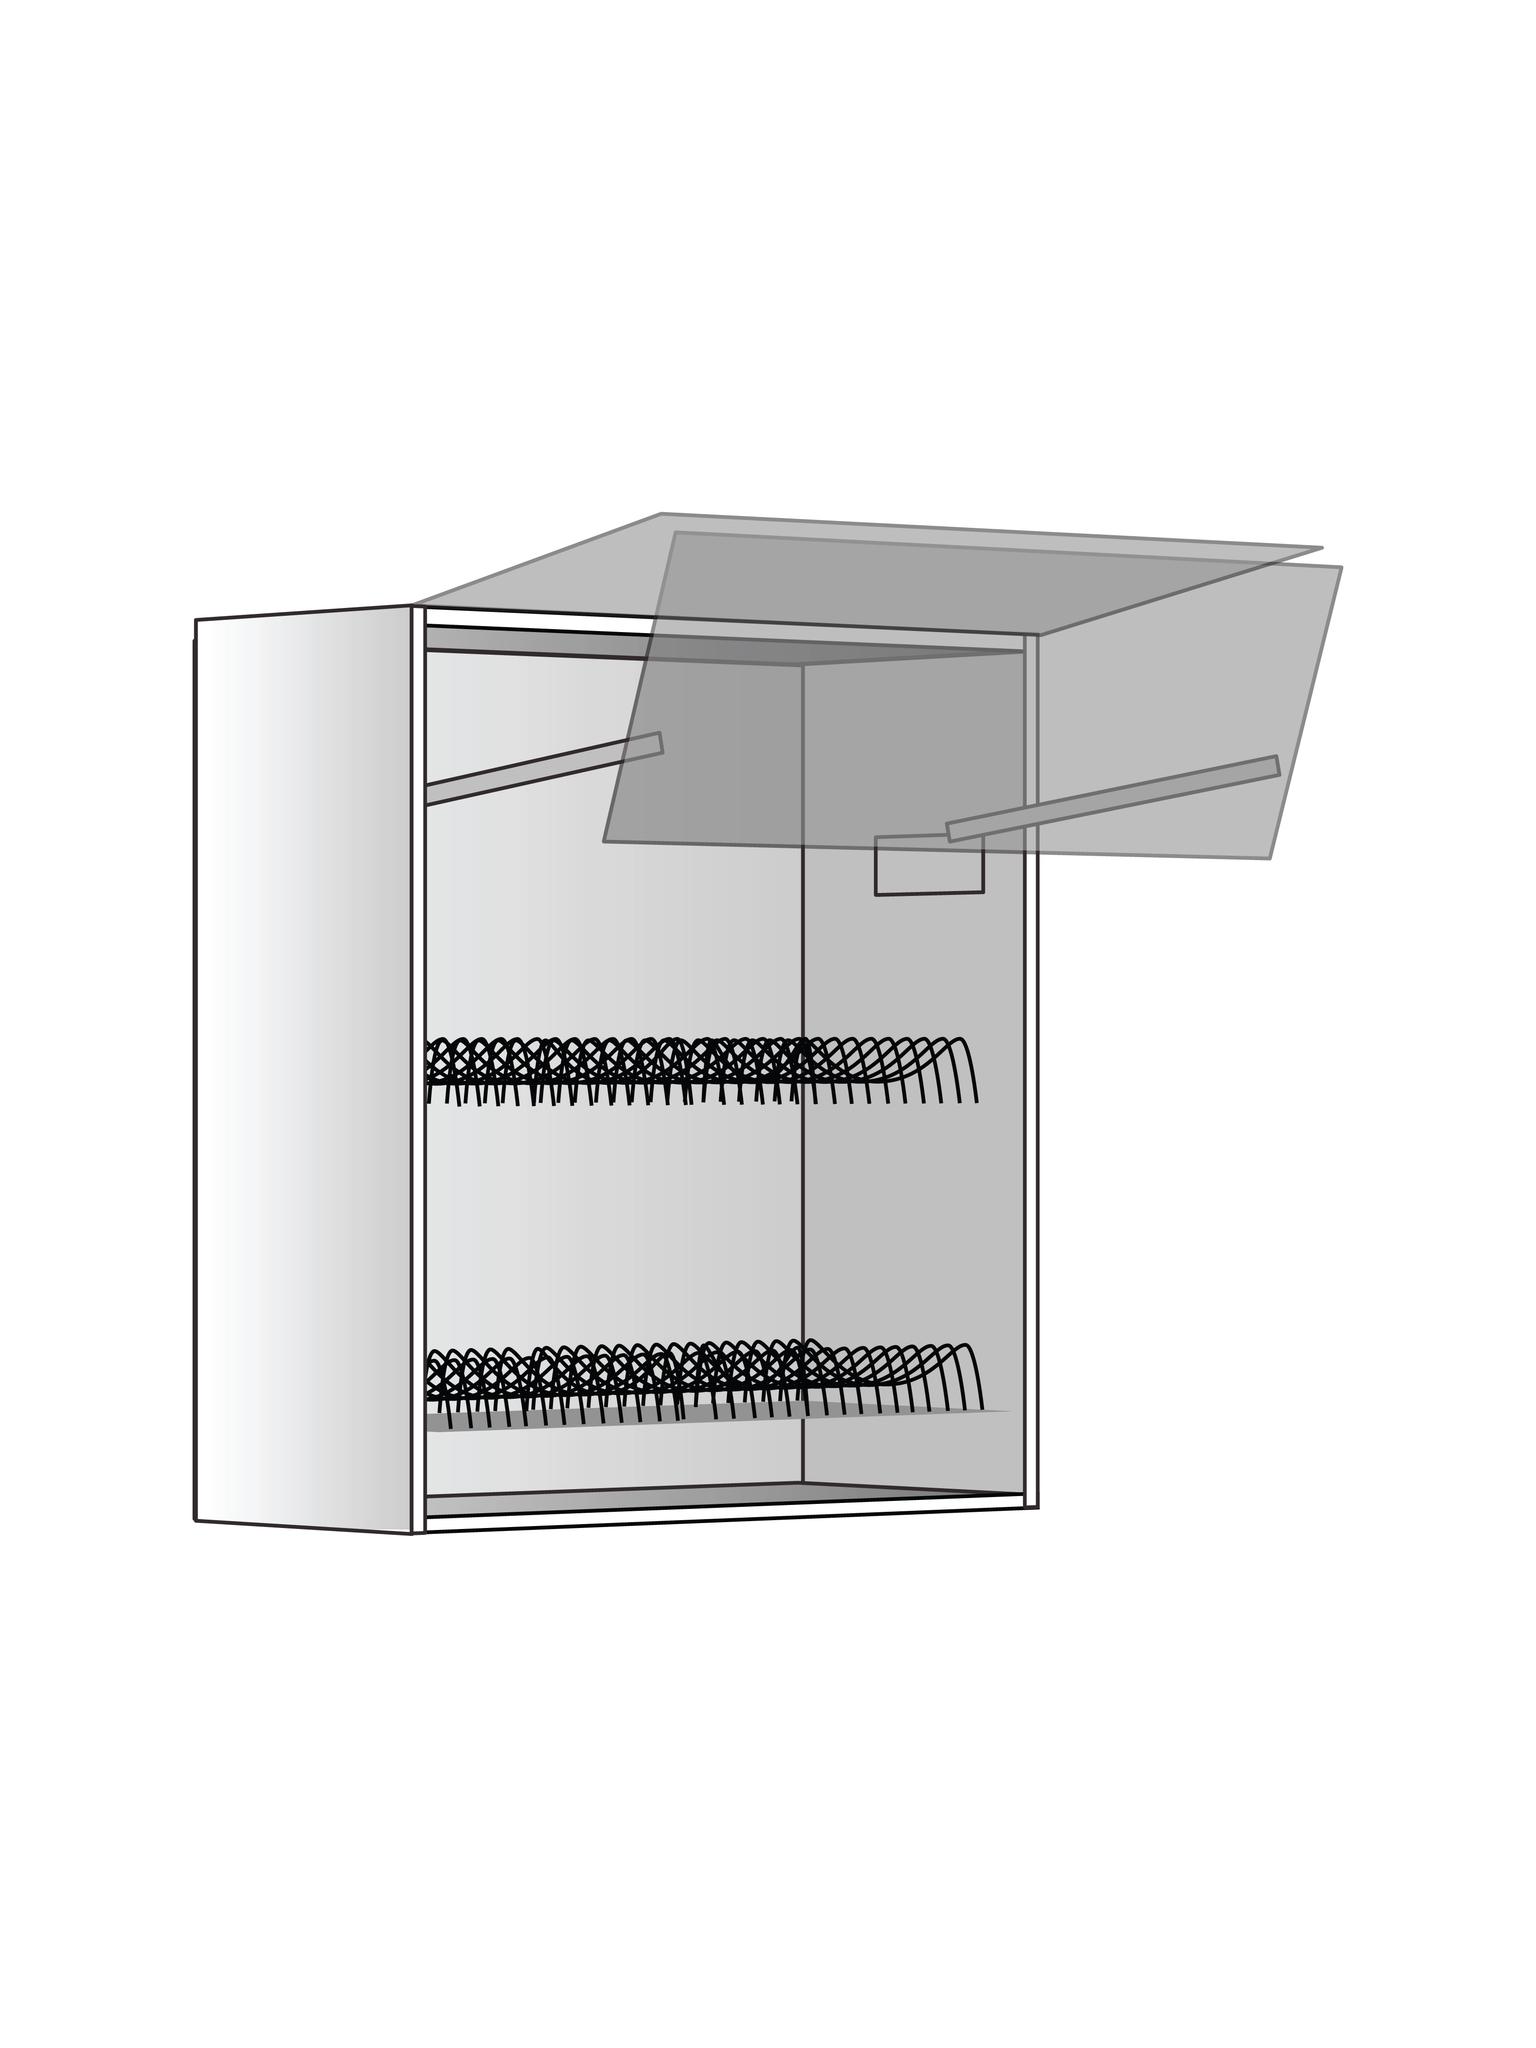 Верхний шкаф c сушилкой и подъемником, 720Х600 мм